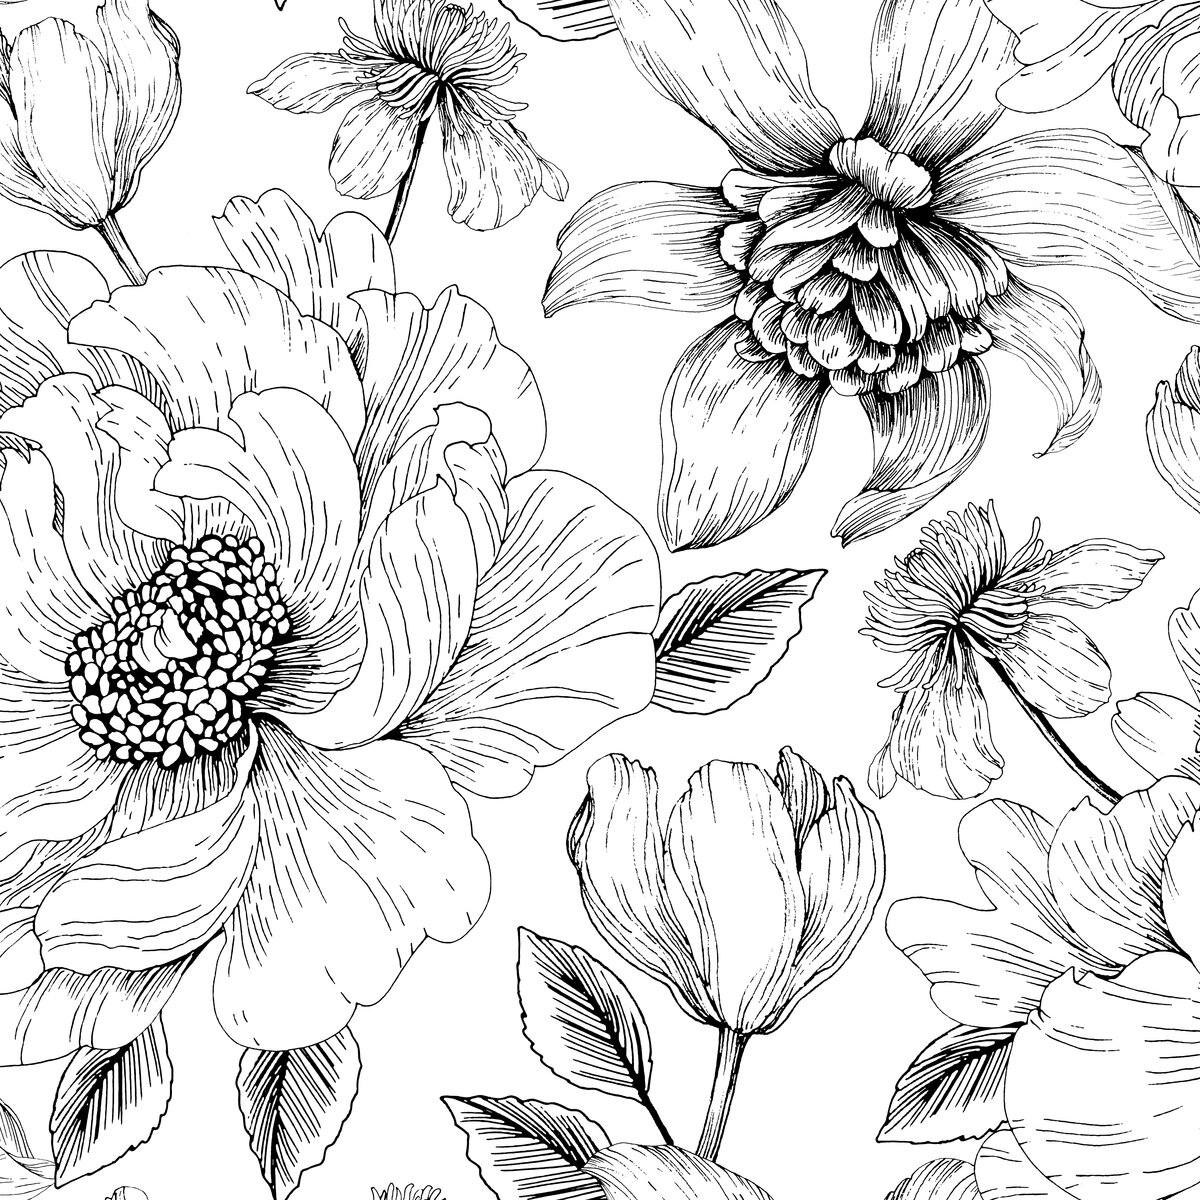 Прикольные медбрат, картинки цветы на белом фоне нарисованные карандашом